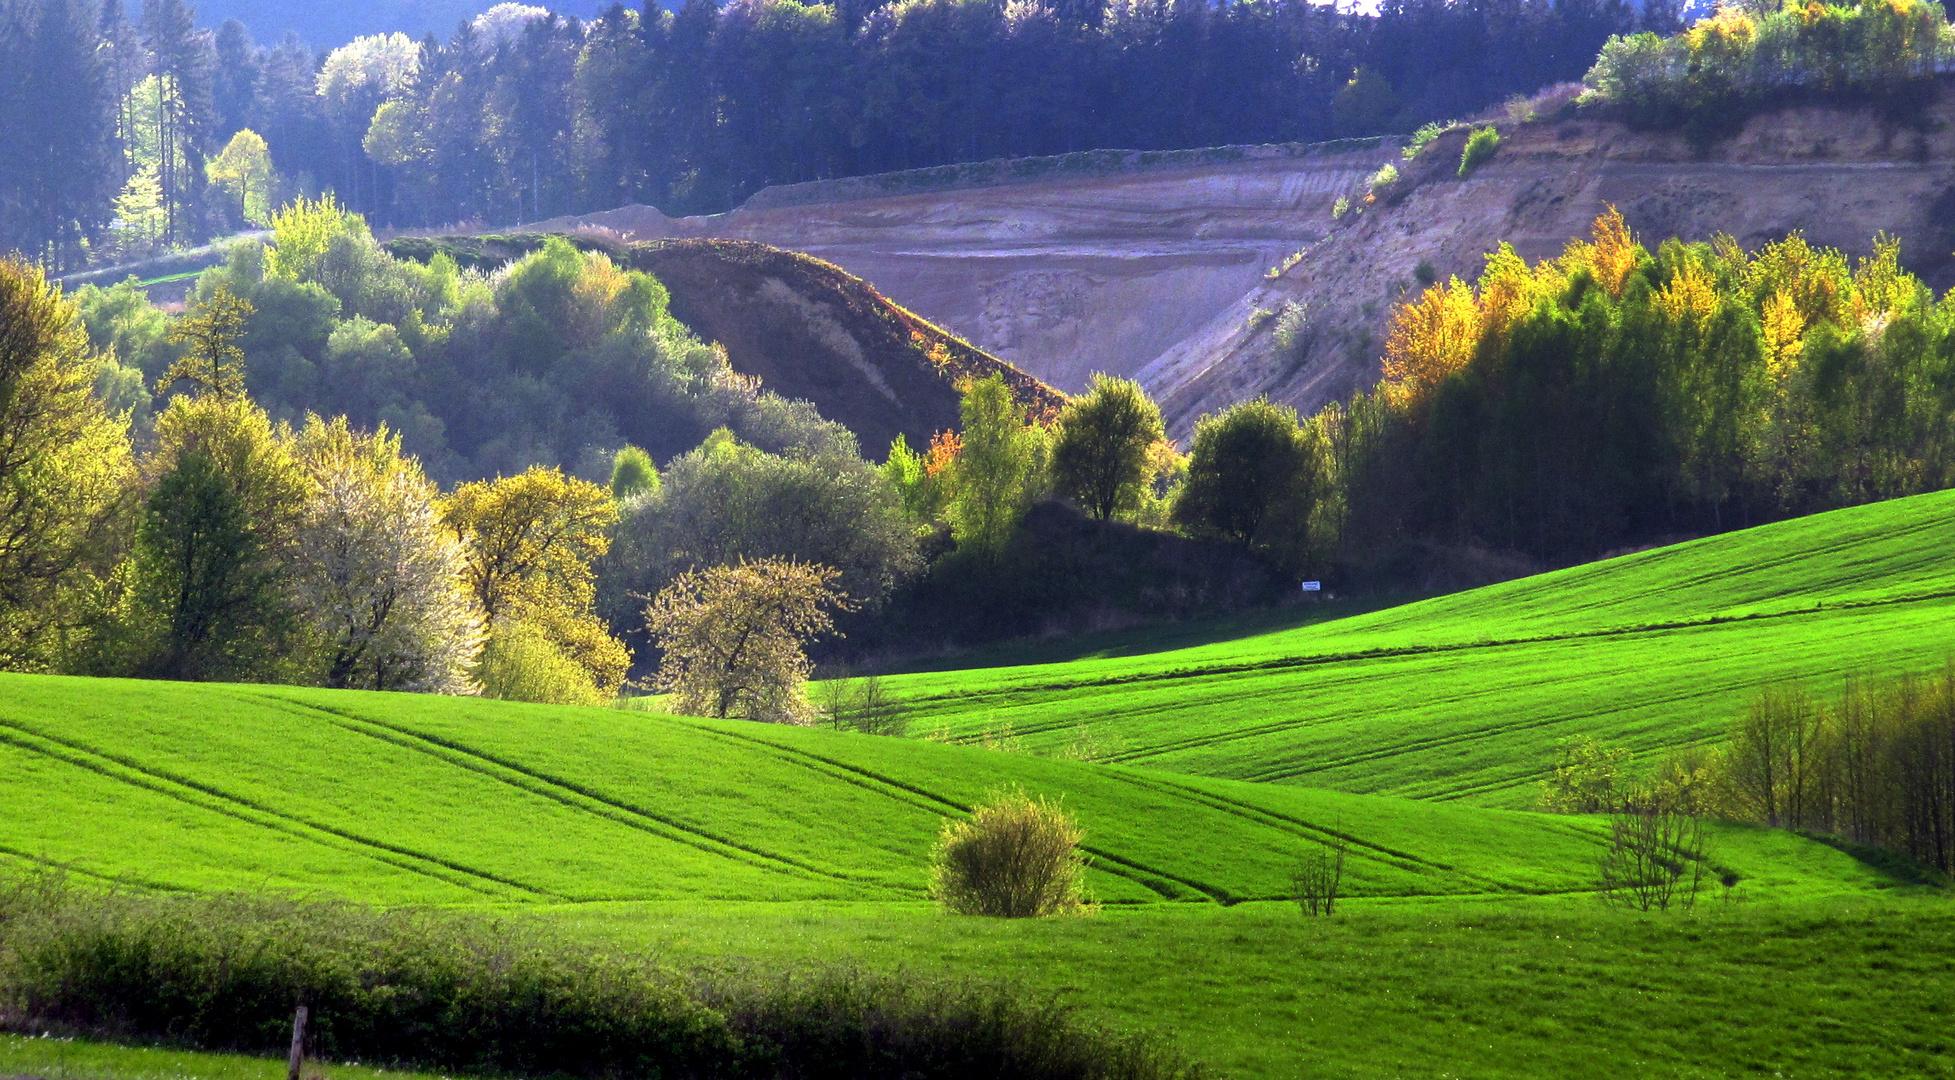 Wiesen, Wälder, Felder